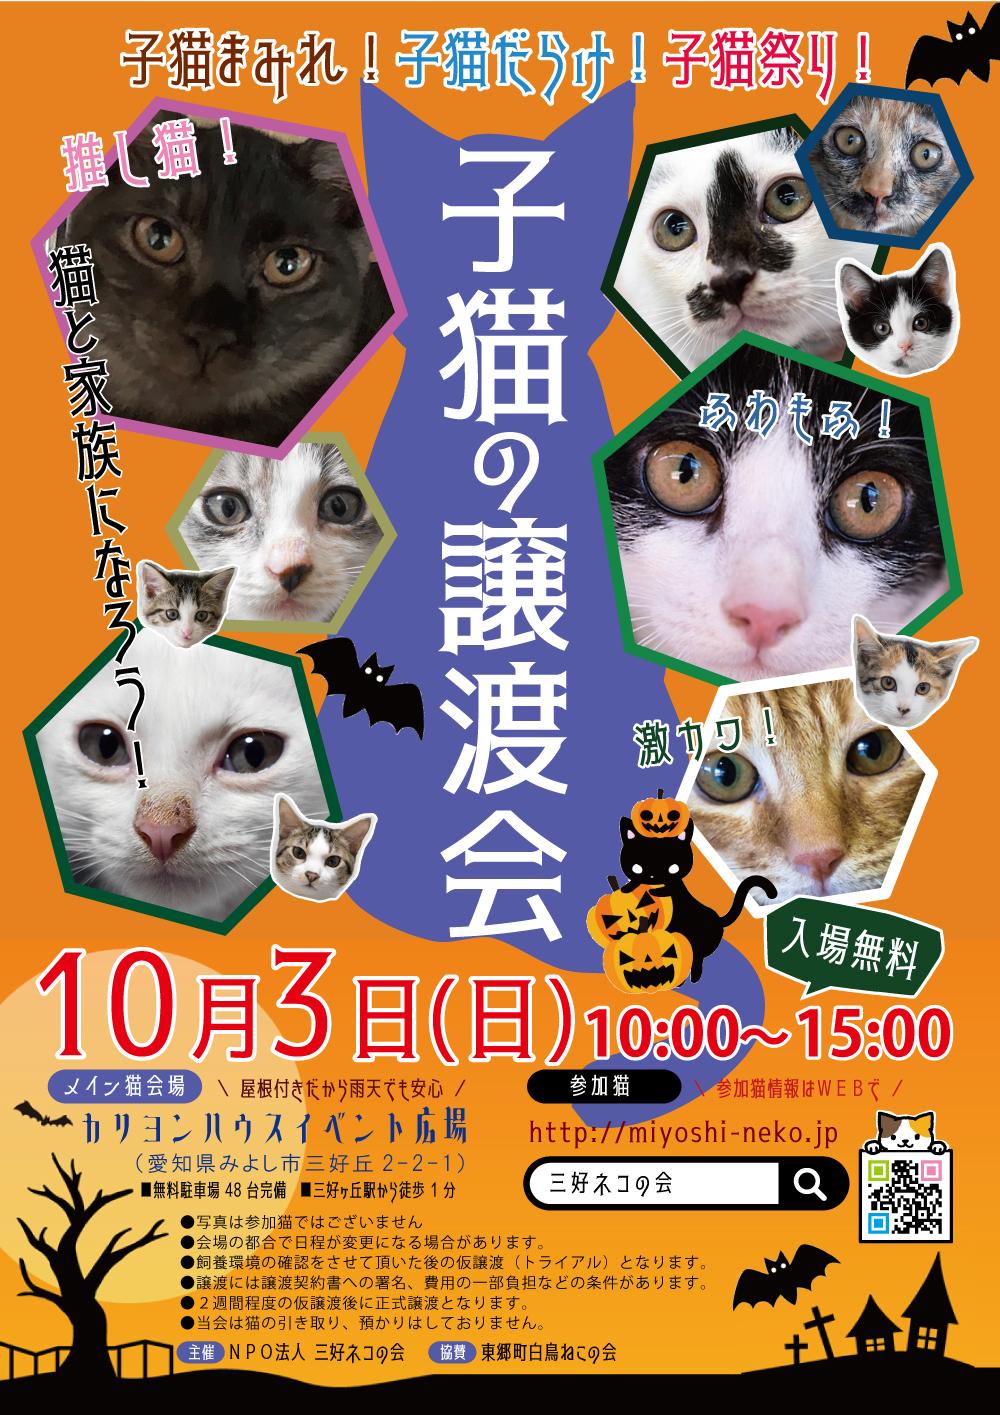 ★子猫24匹!/愛知県みよし市★